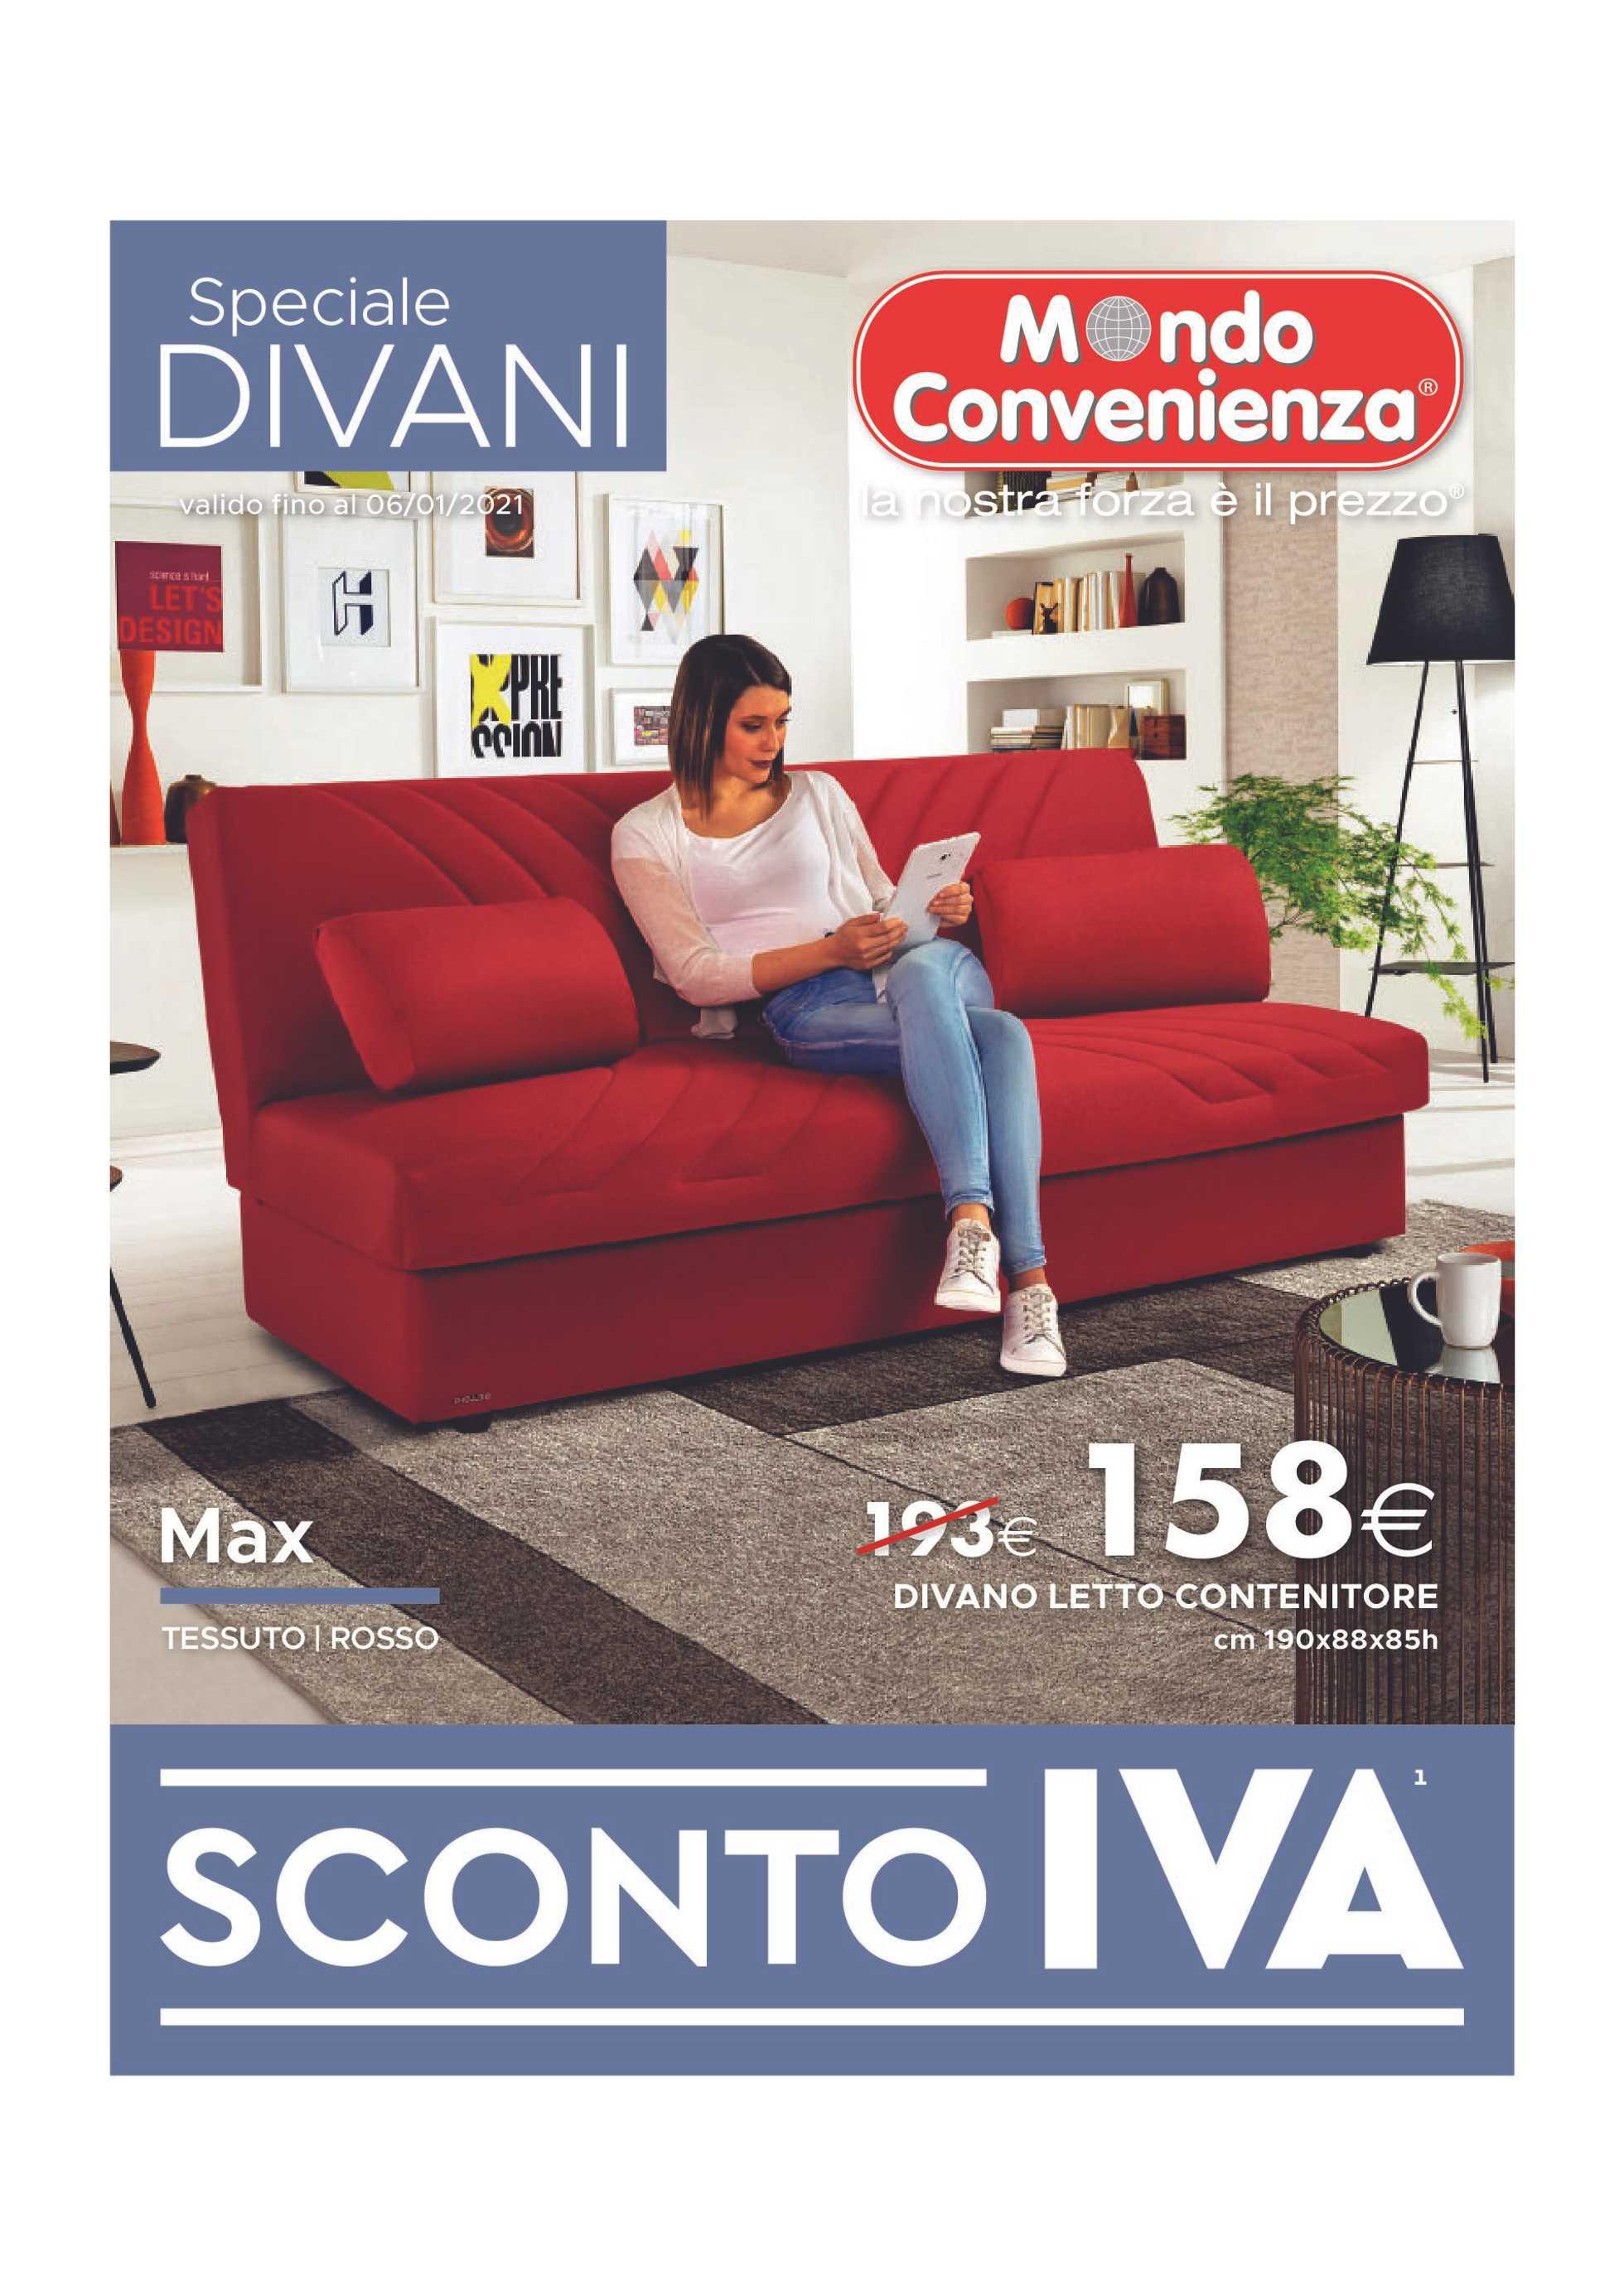 Mondo Convenienza - offerte valide dal 20.04.2020 al 06.01.2021 - pagina 1.